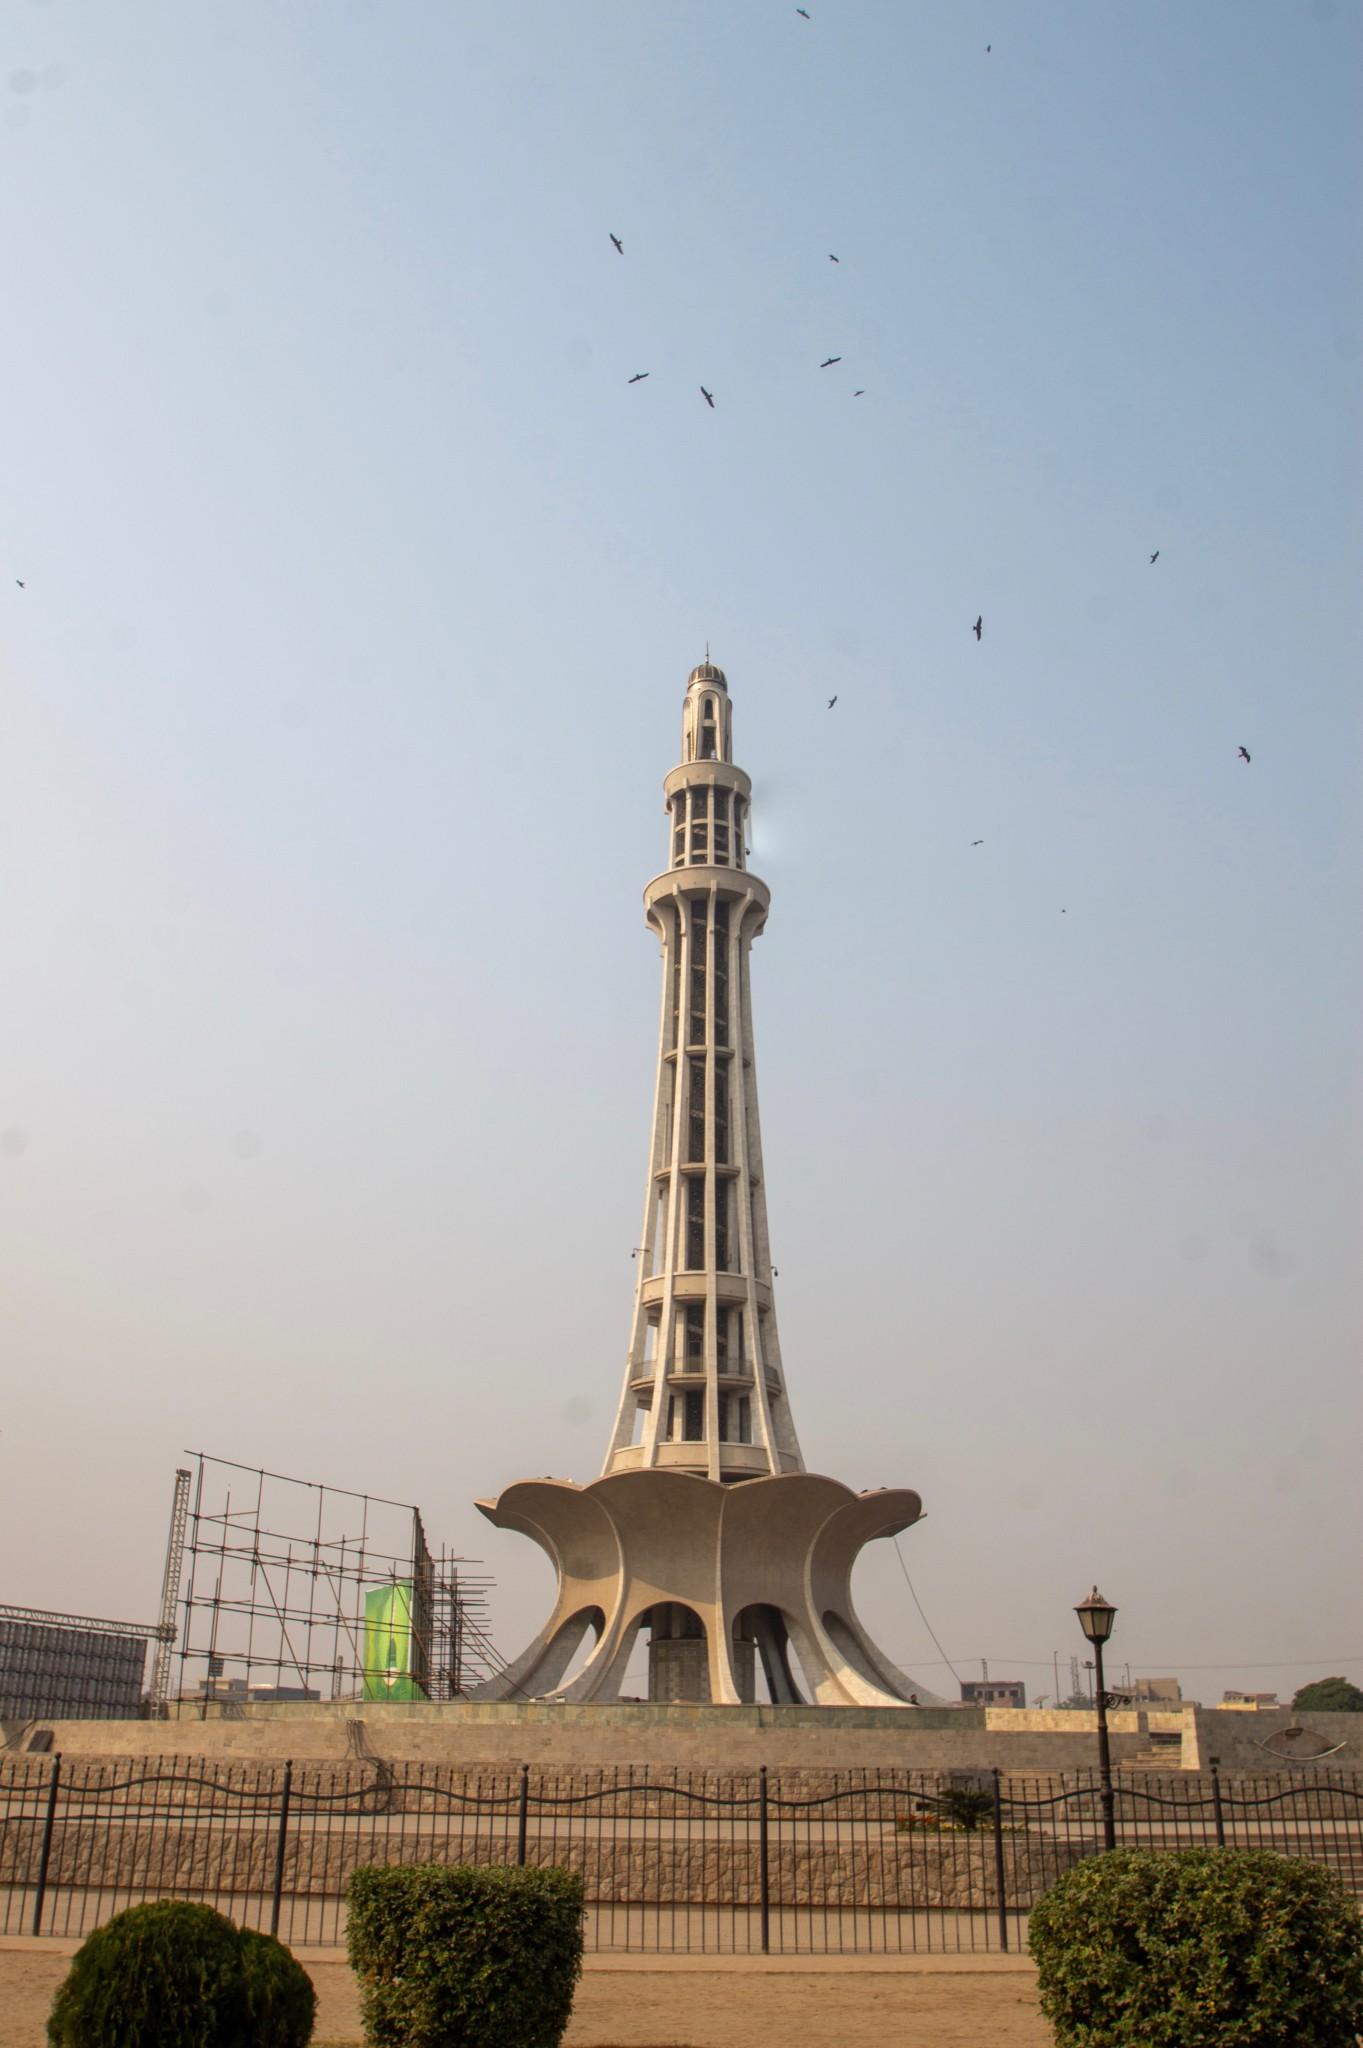 Minar-e-Pakistan Monument als eine der wichtigen Lahore Sehenswürdigkeiten